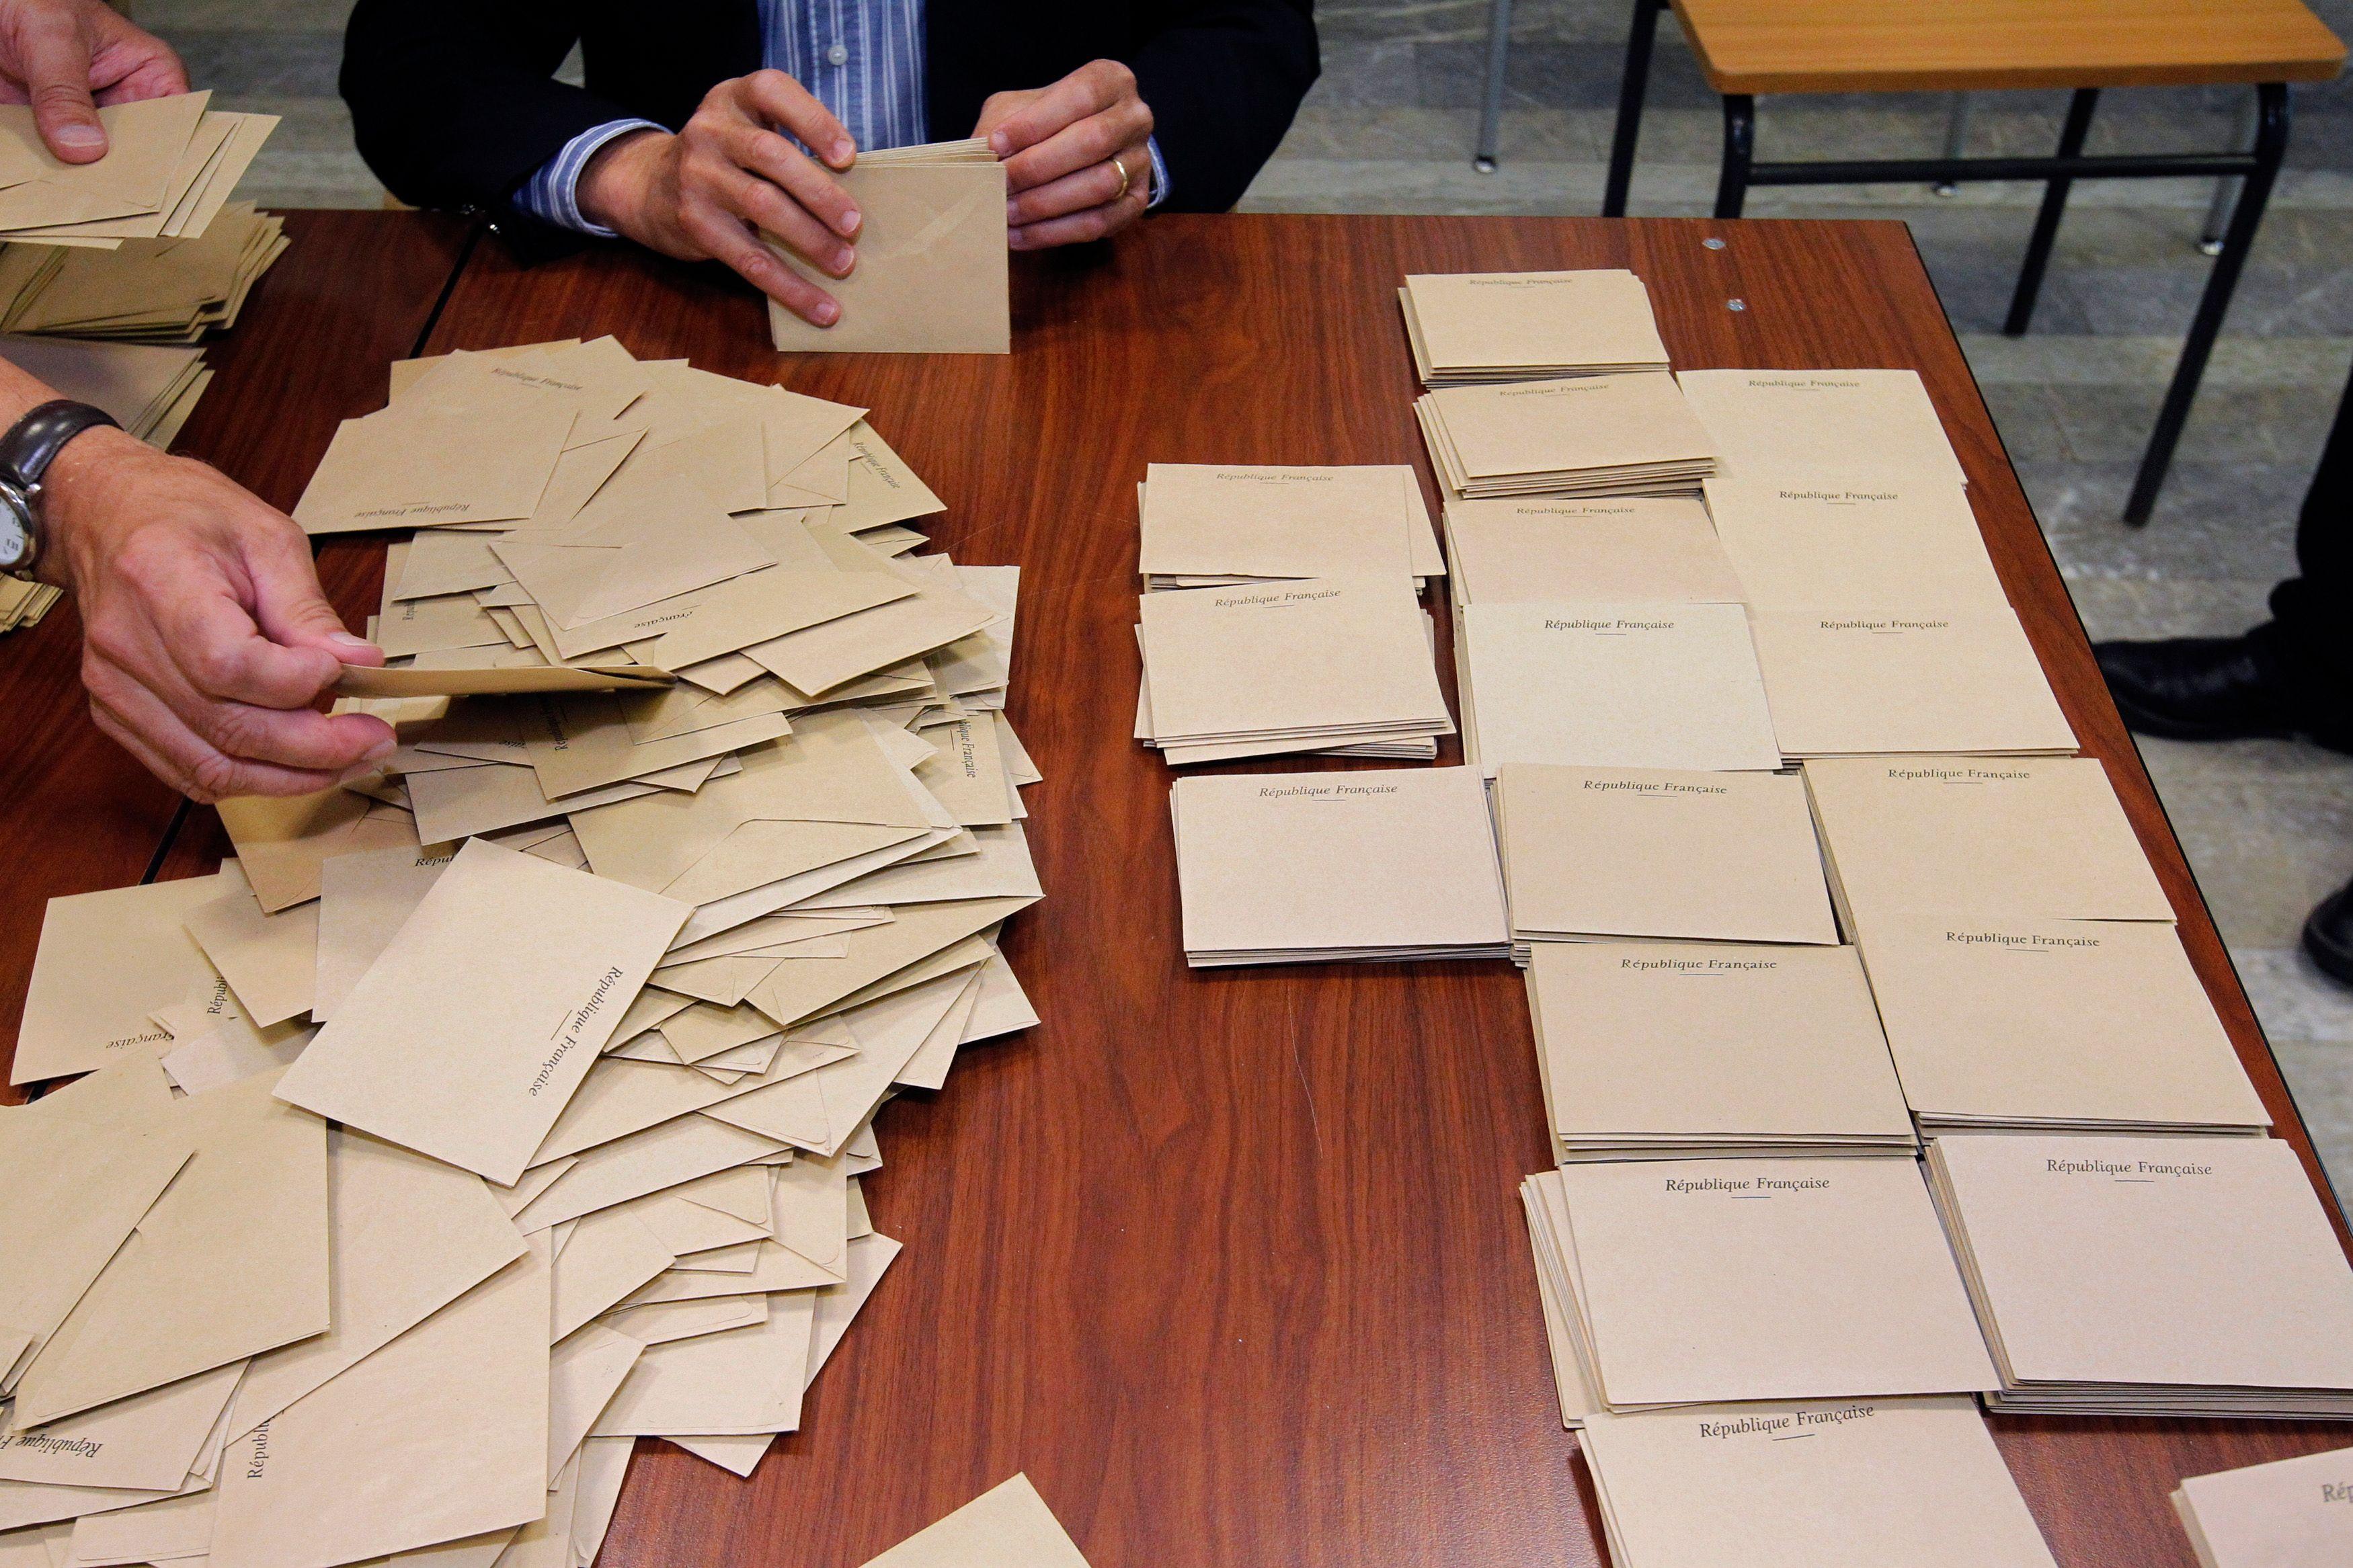 Municipales 2014 : une candidate s'inscrit sur la liste FNet LO en même temps